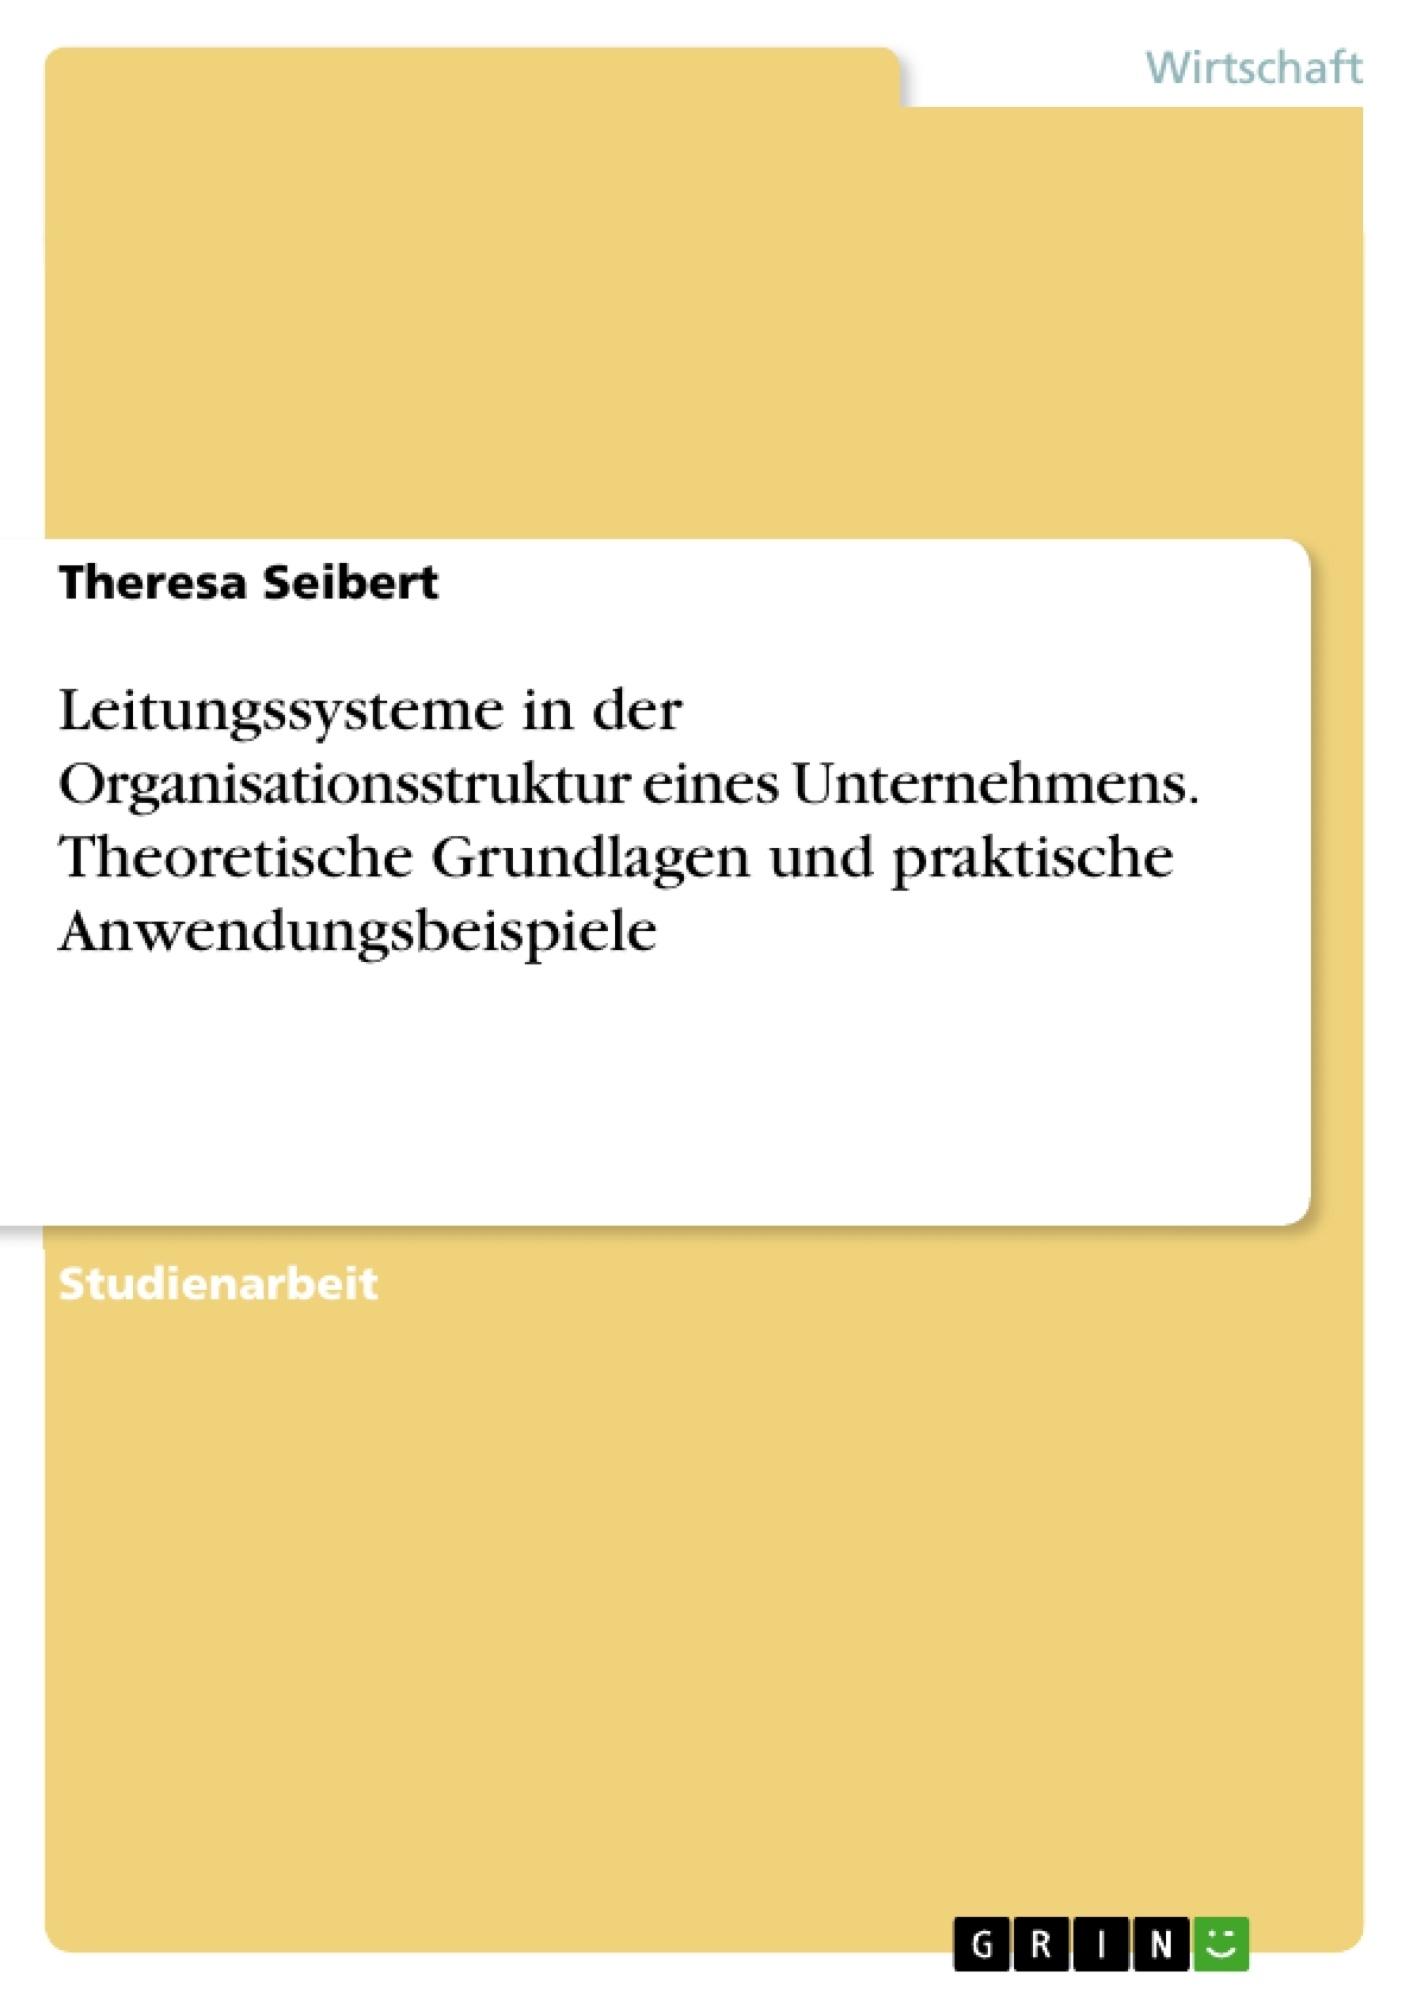 Titel: Leitungssysteme in der Organisationsstruktur eines Unternehmens. Theoretische Grundlagen und praktische Anwendungsbeispiele